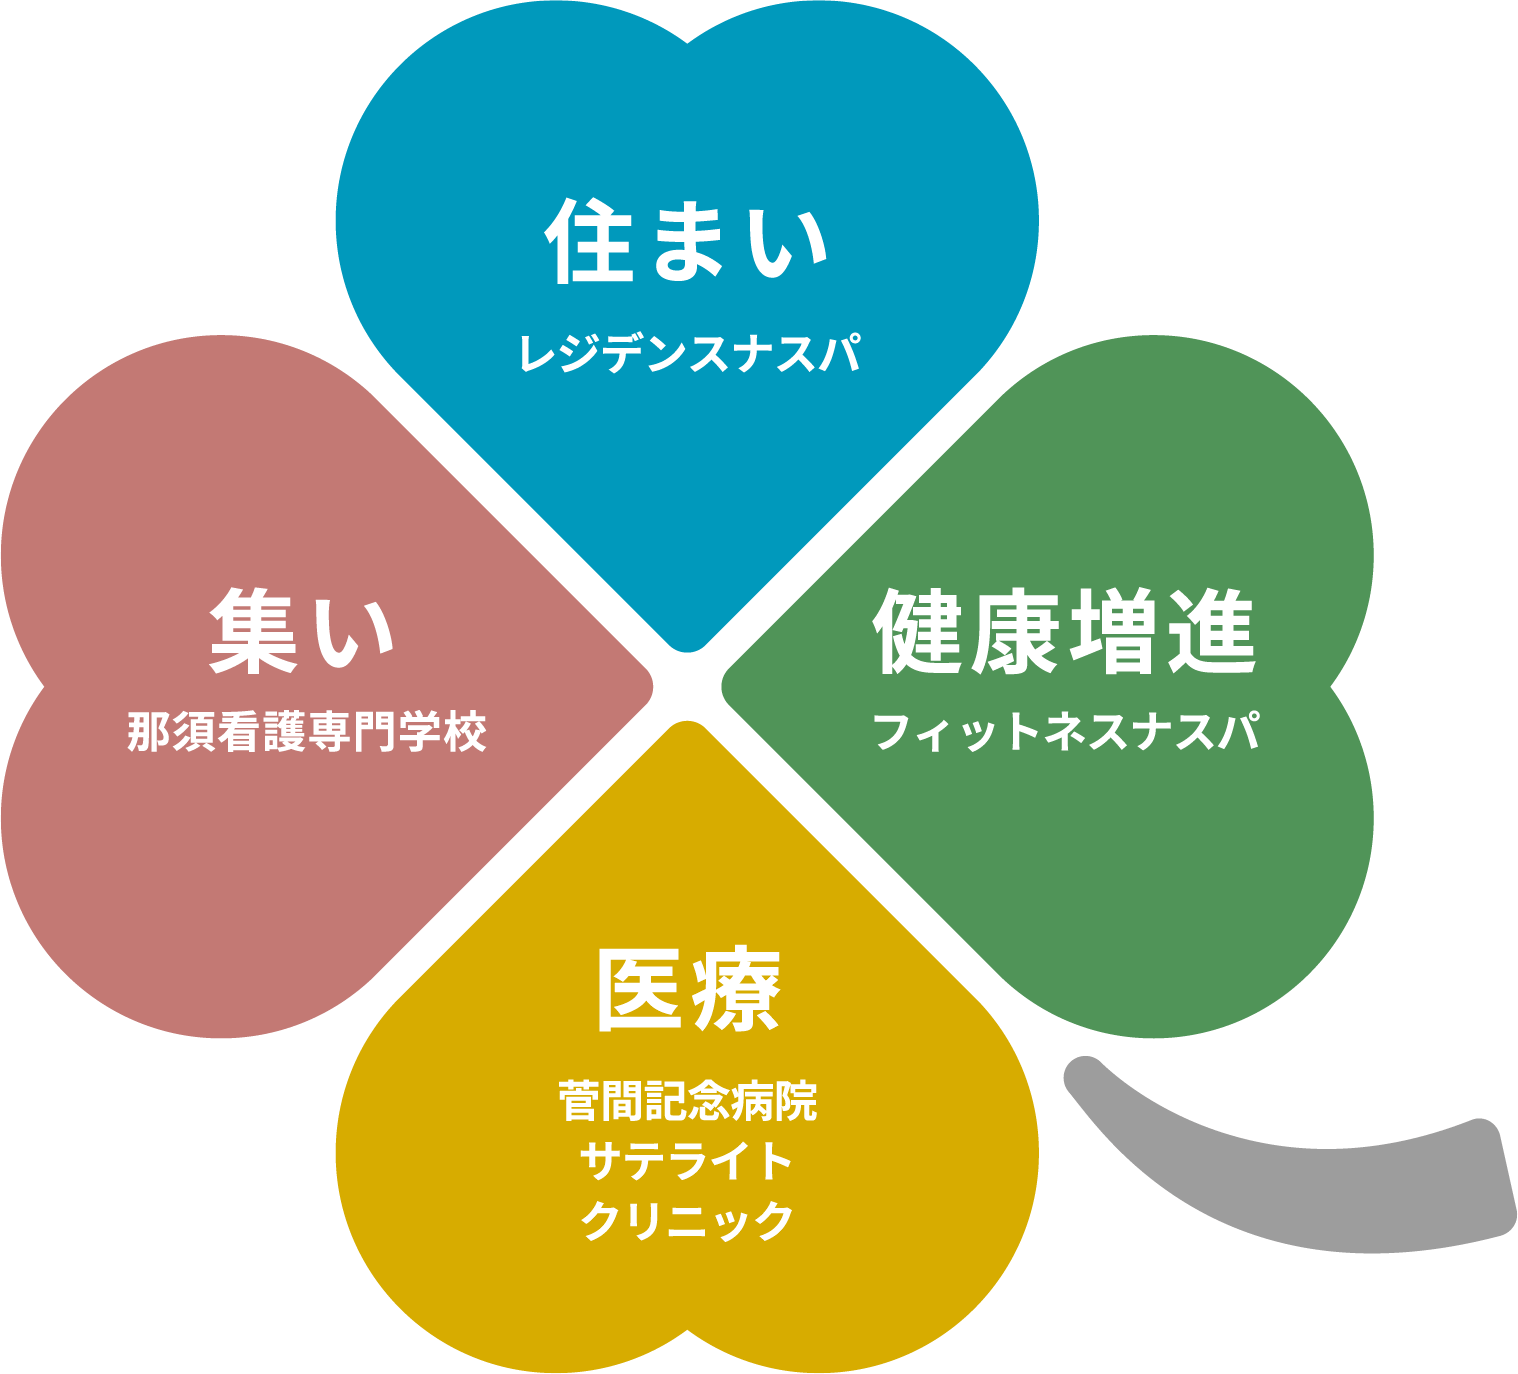 四つの魅力